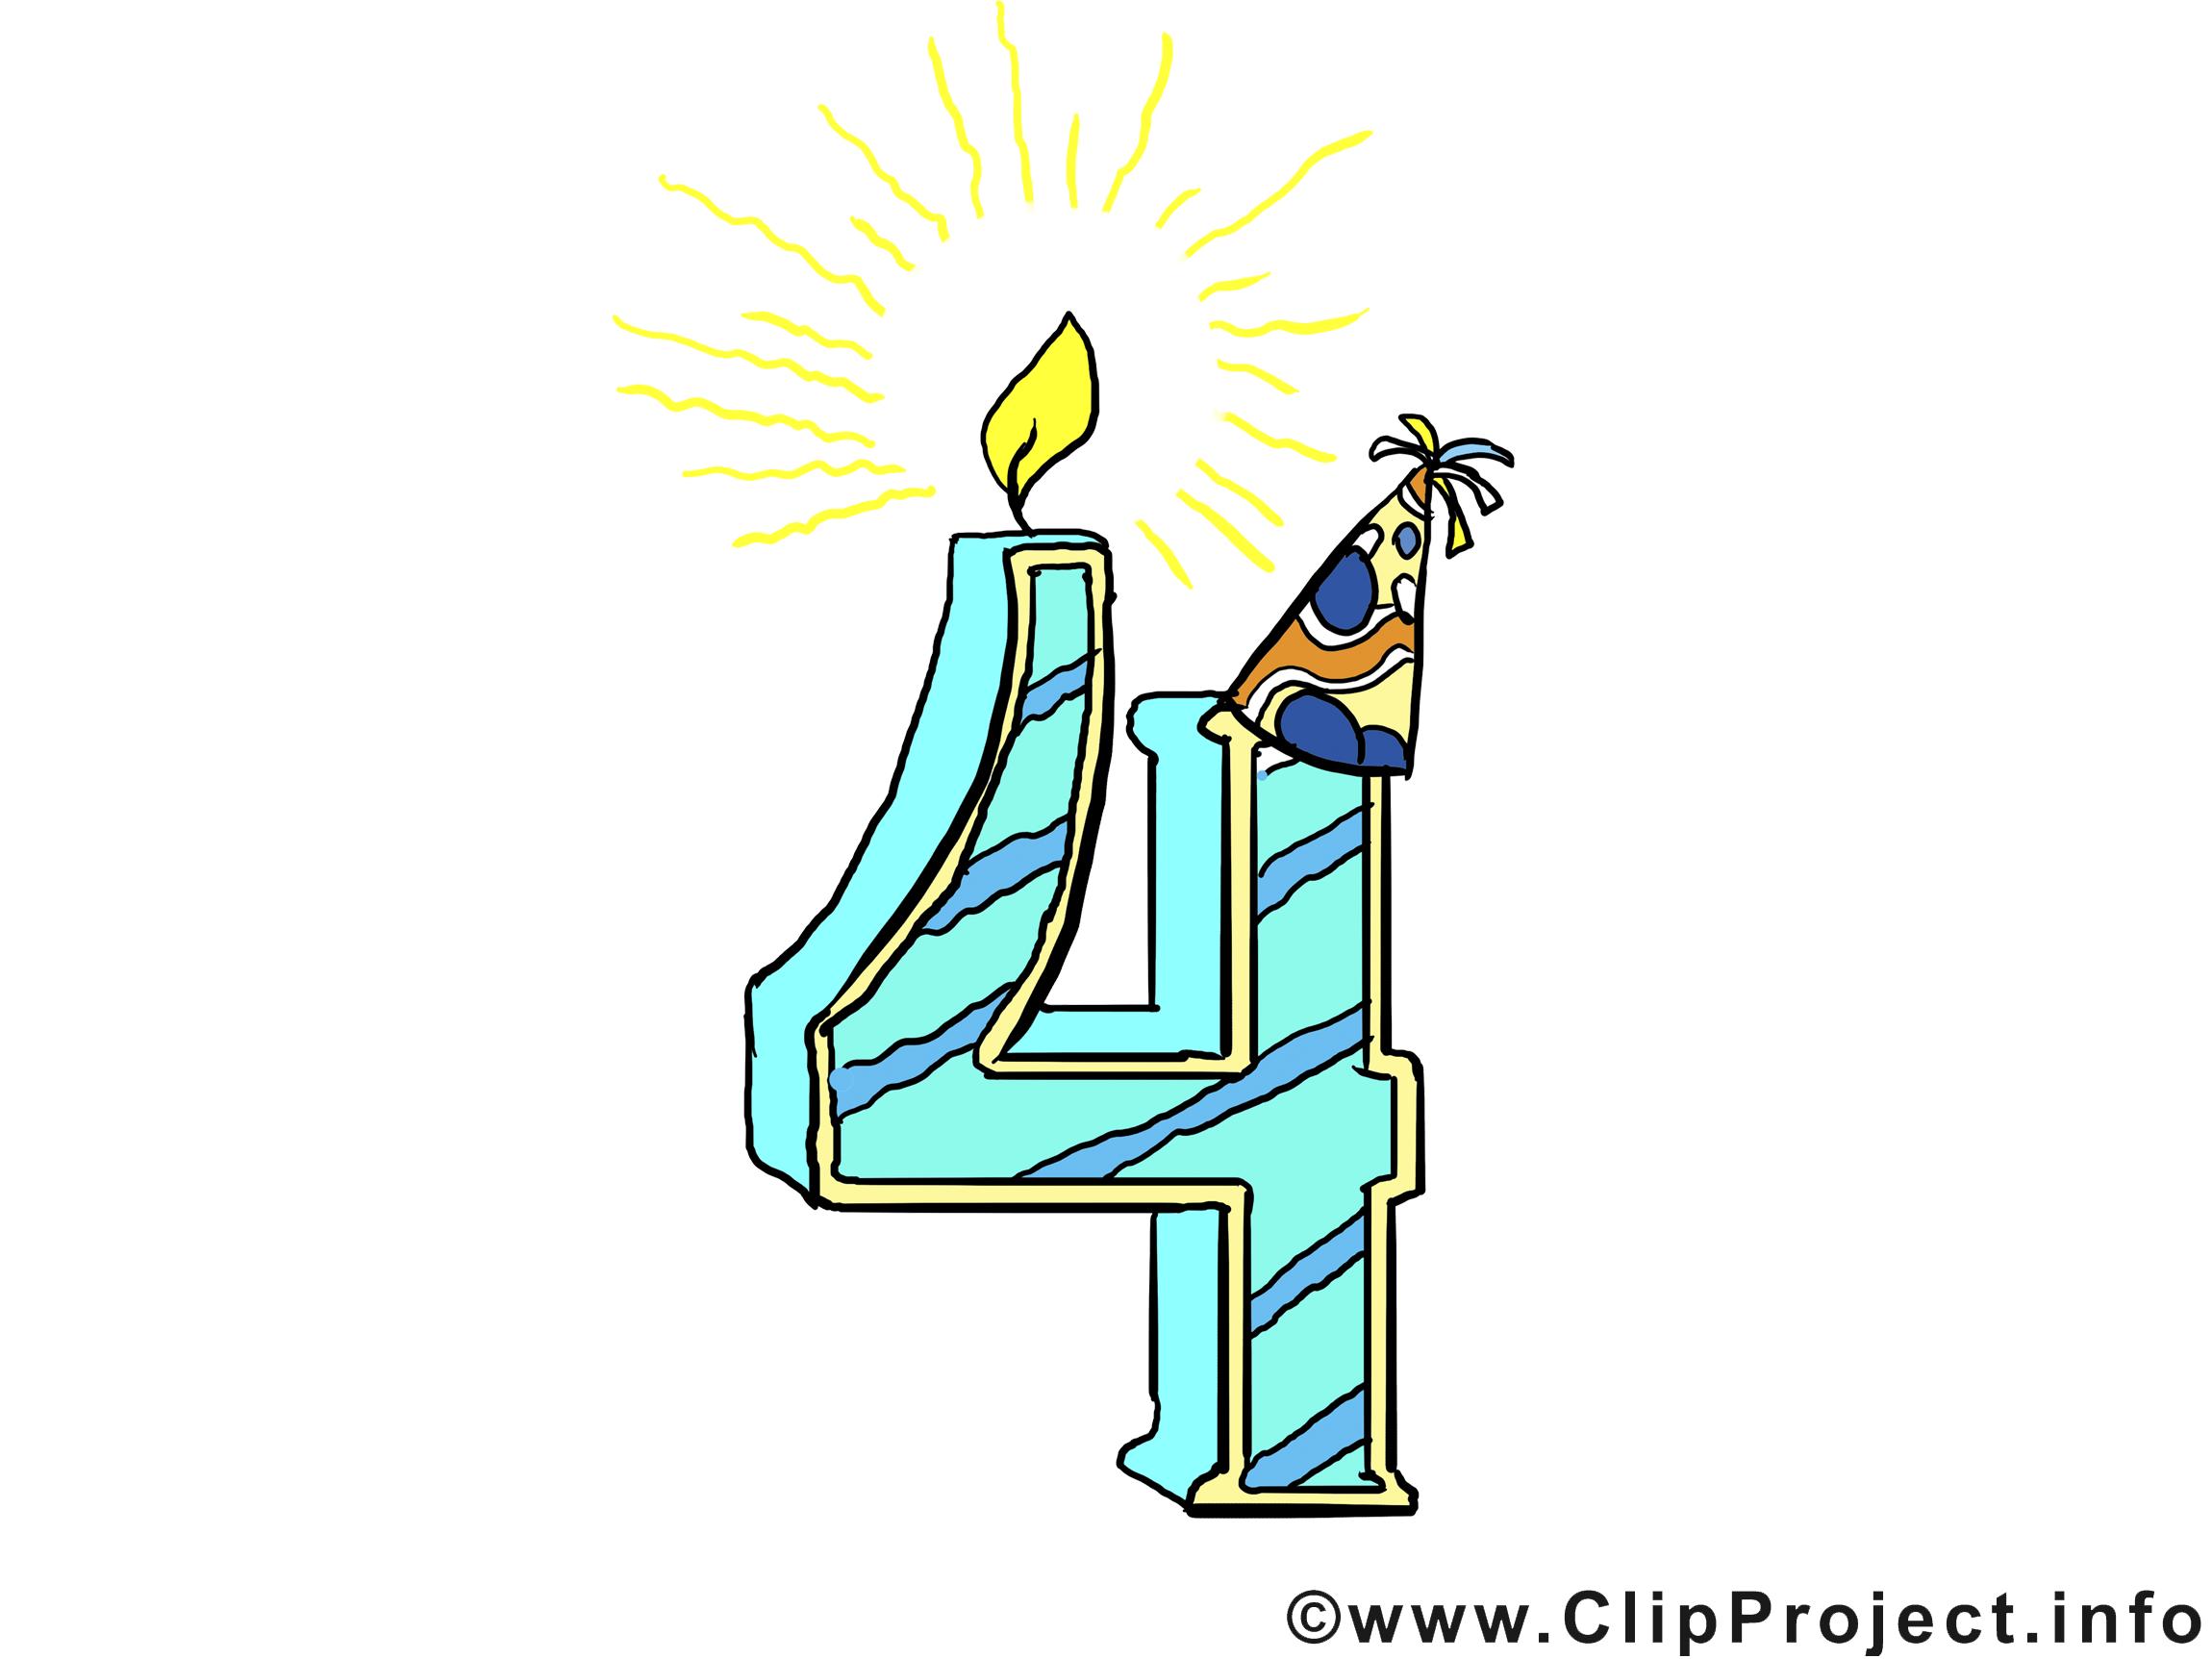 Cliparts geburtstag einladung clipart royalty free download Geburtstagseinladung Ihr Text + unsere Bilder clipart royalty free download